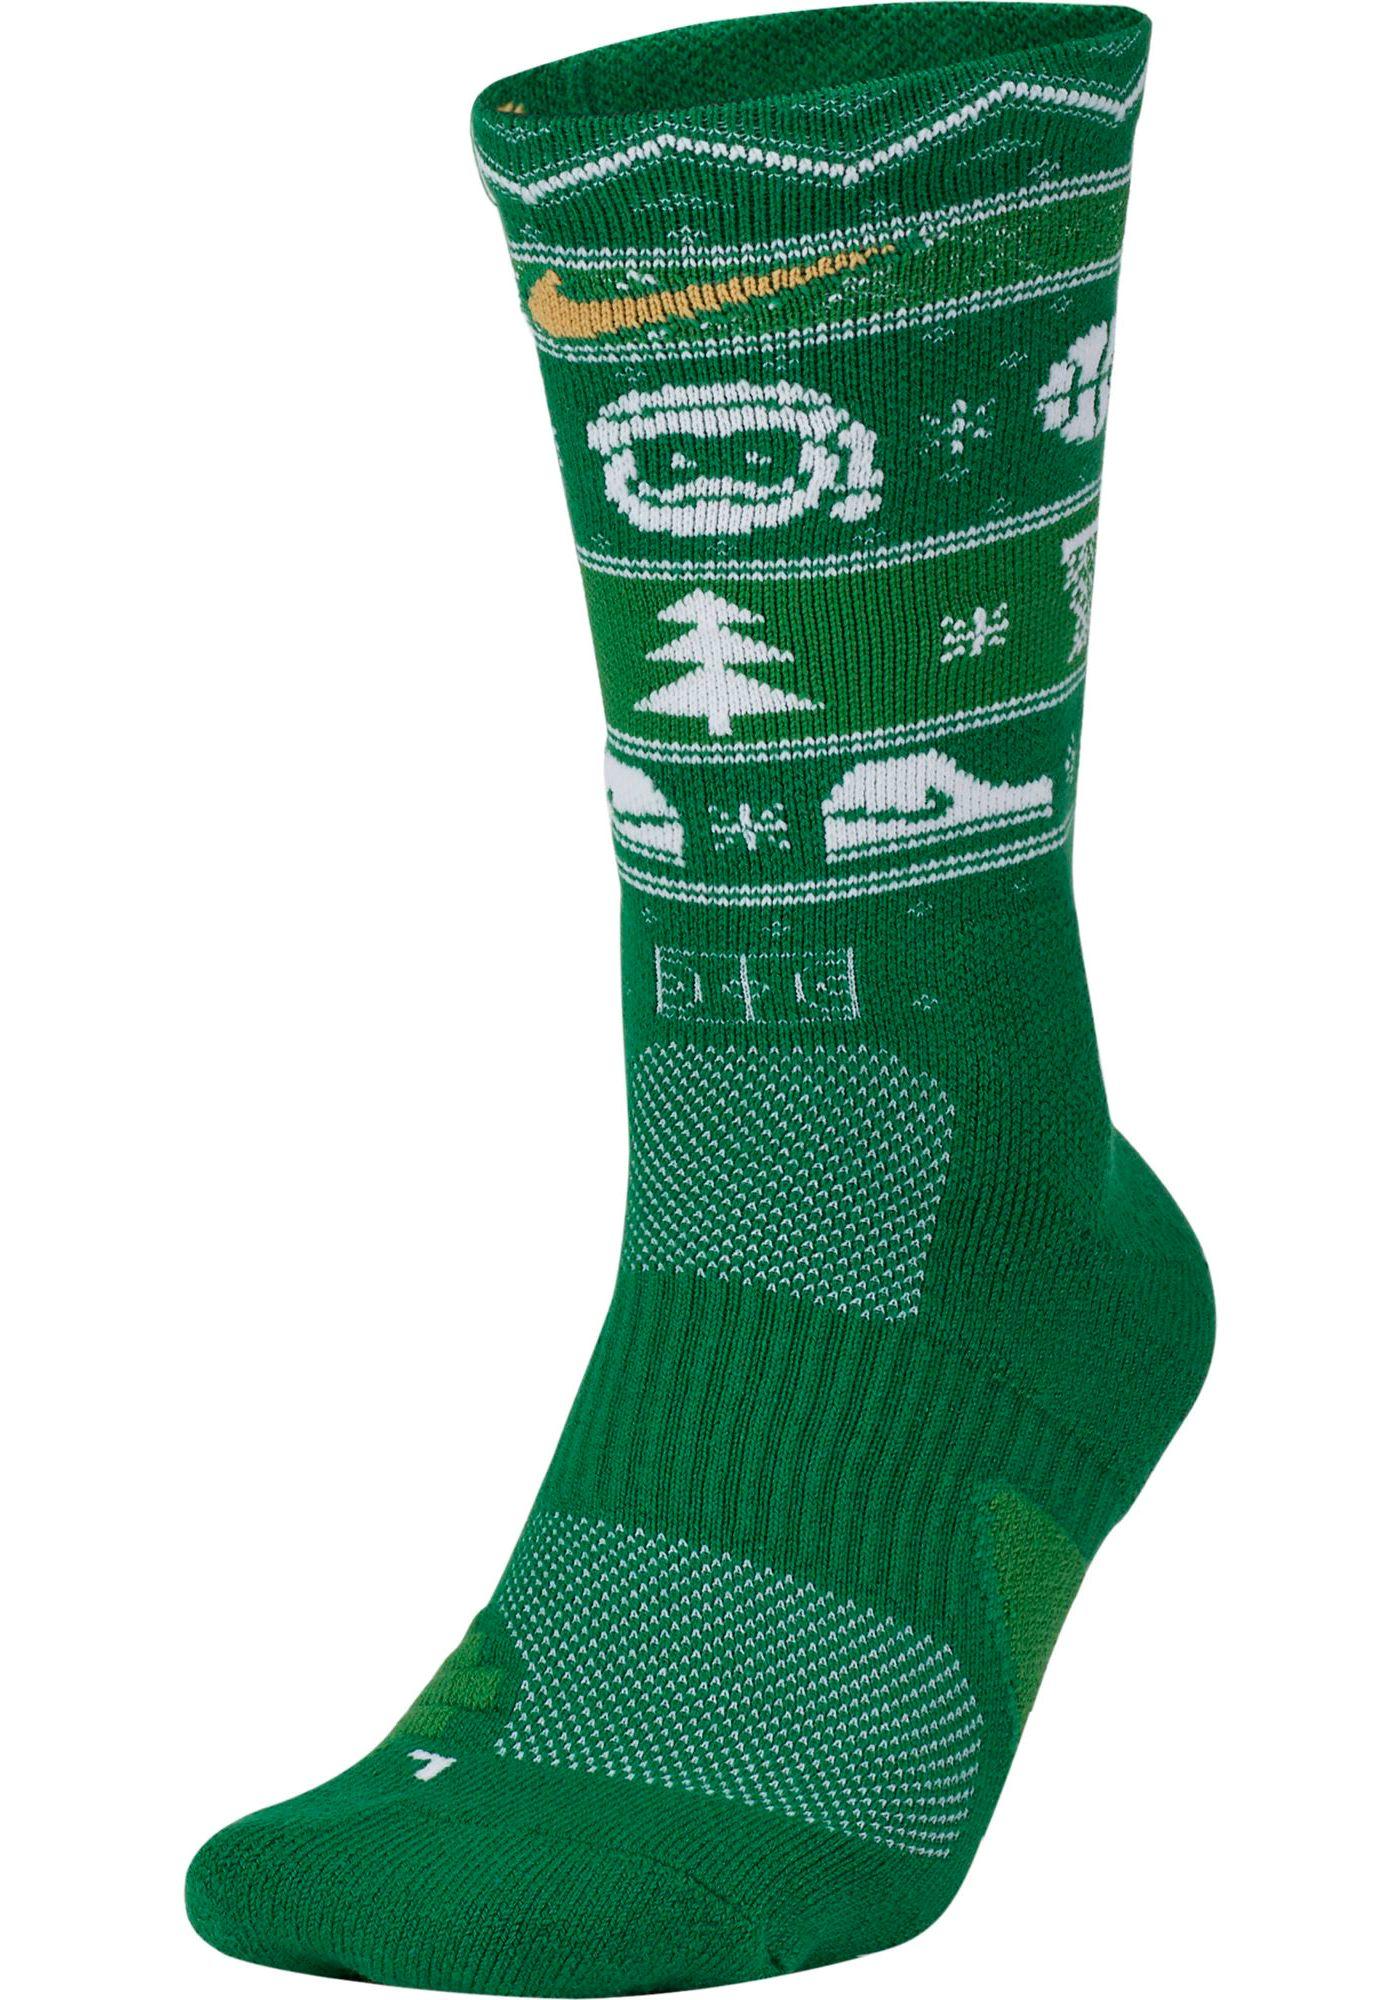 Nike Men's Elite Christmas Crew Socks